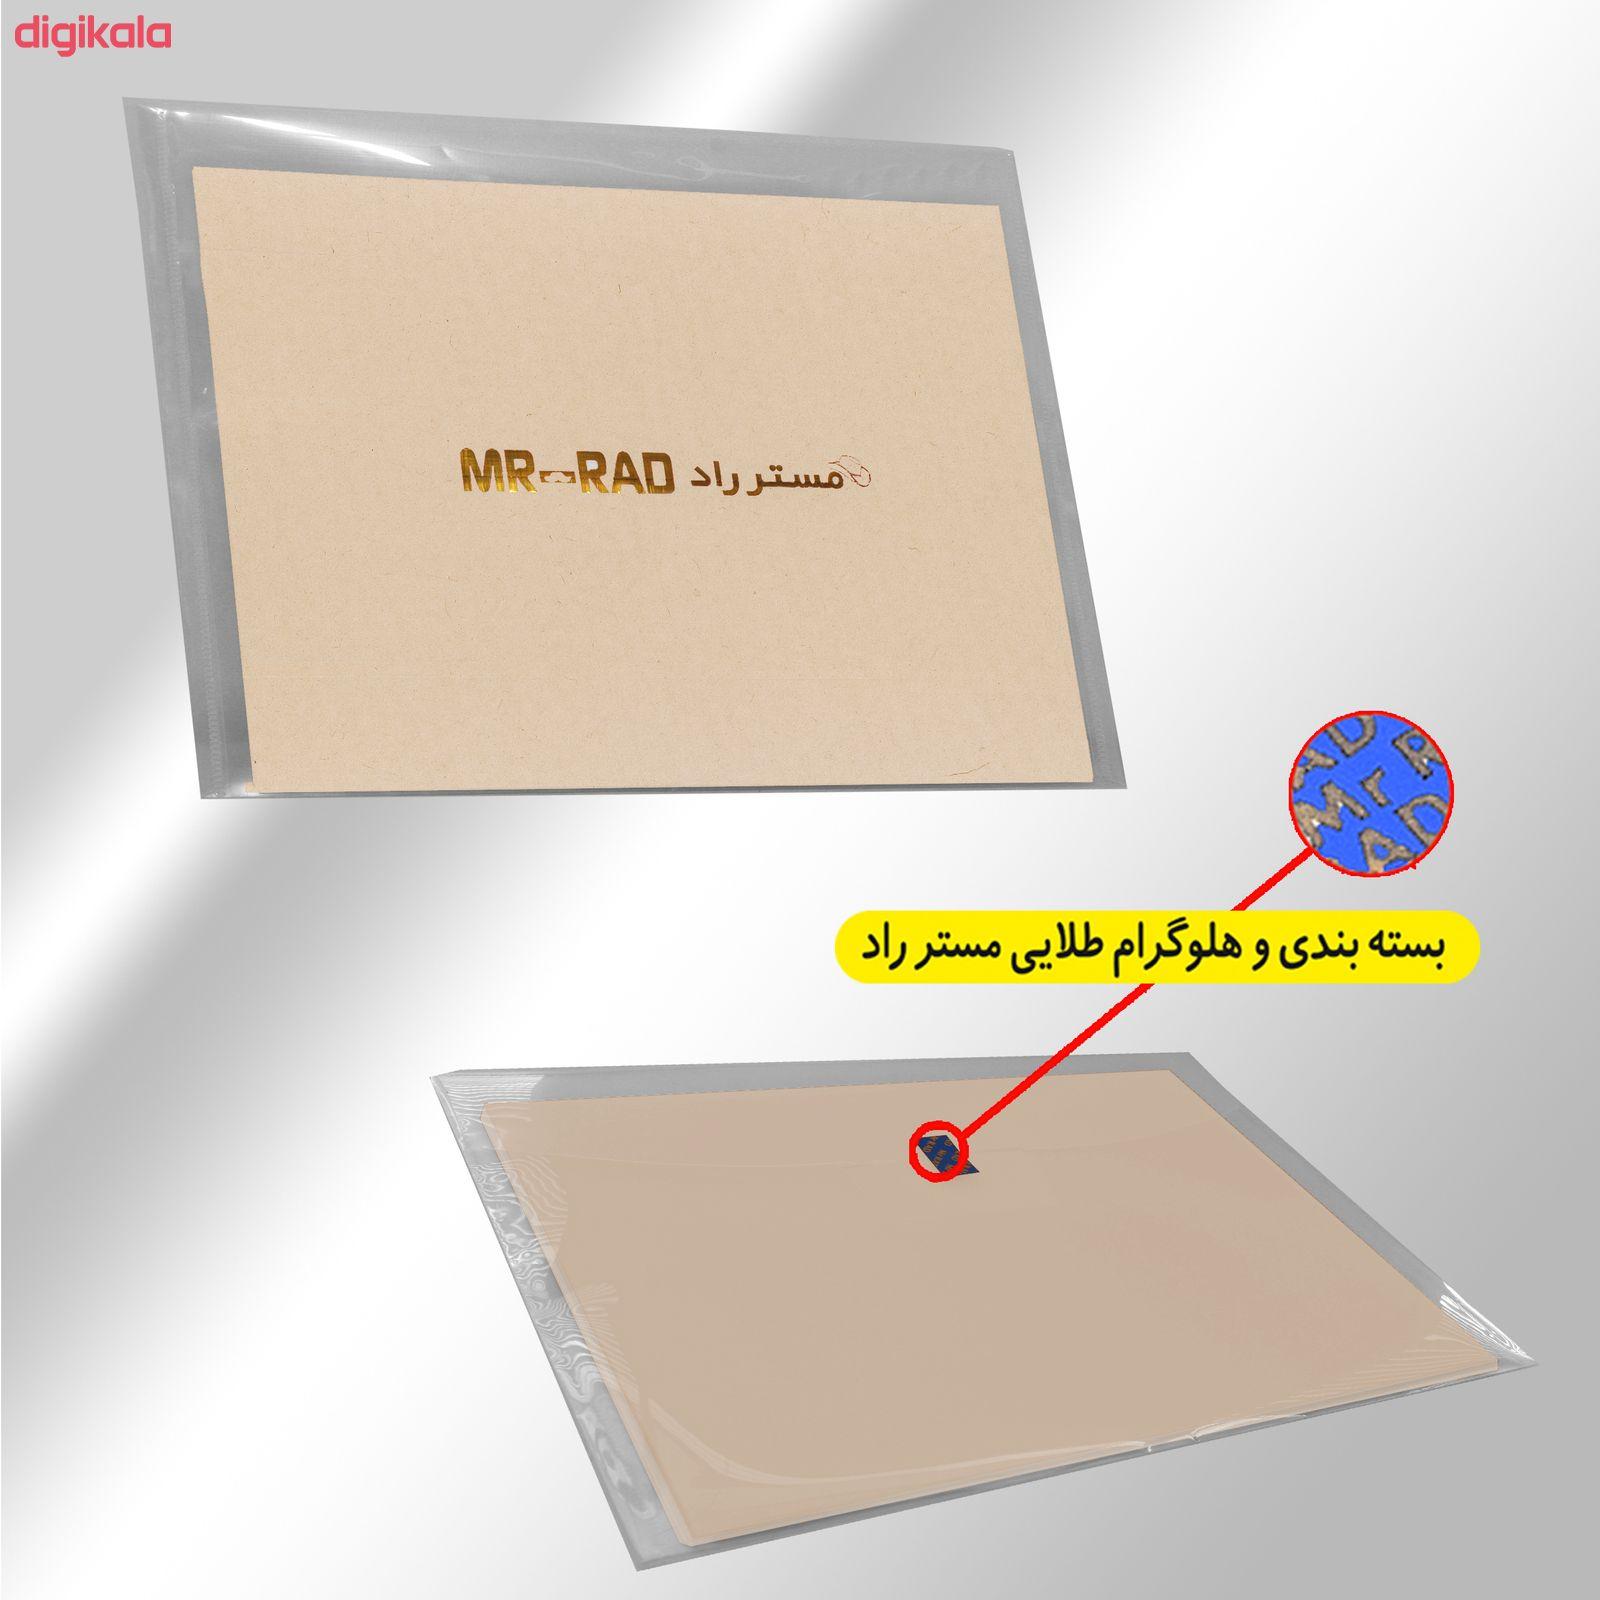 کاغذ کرافت مستر راد کد 1436 بسته 50 عددی main 1 24